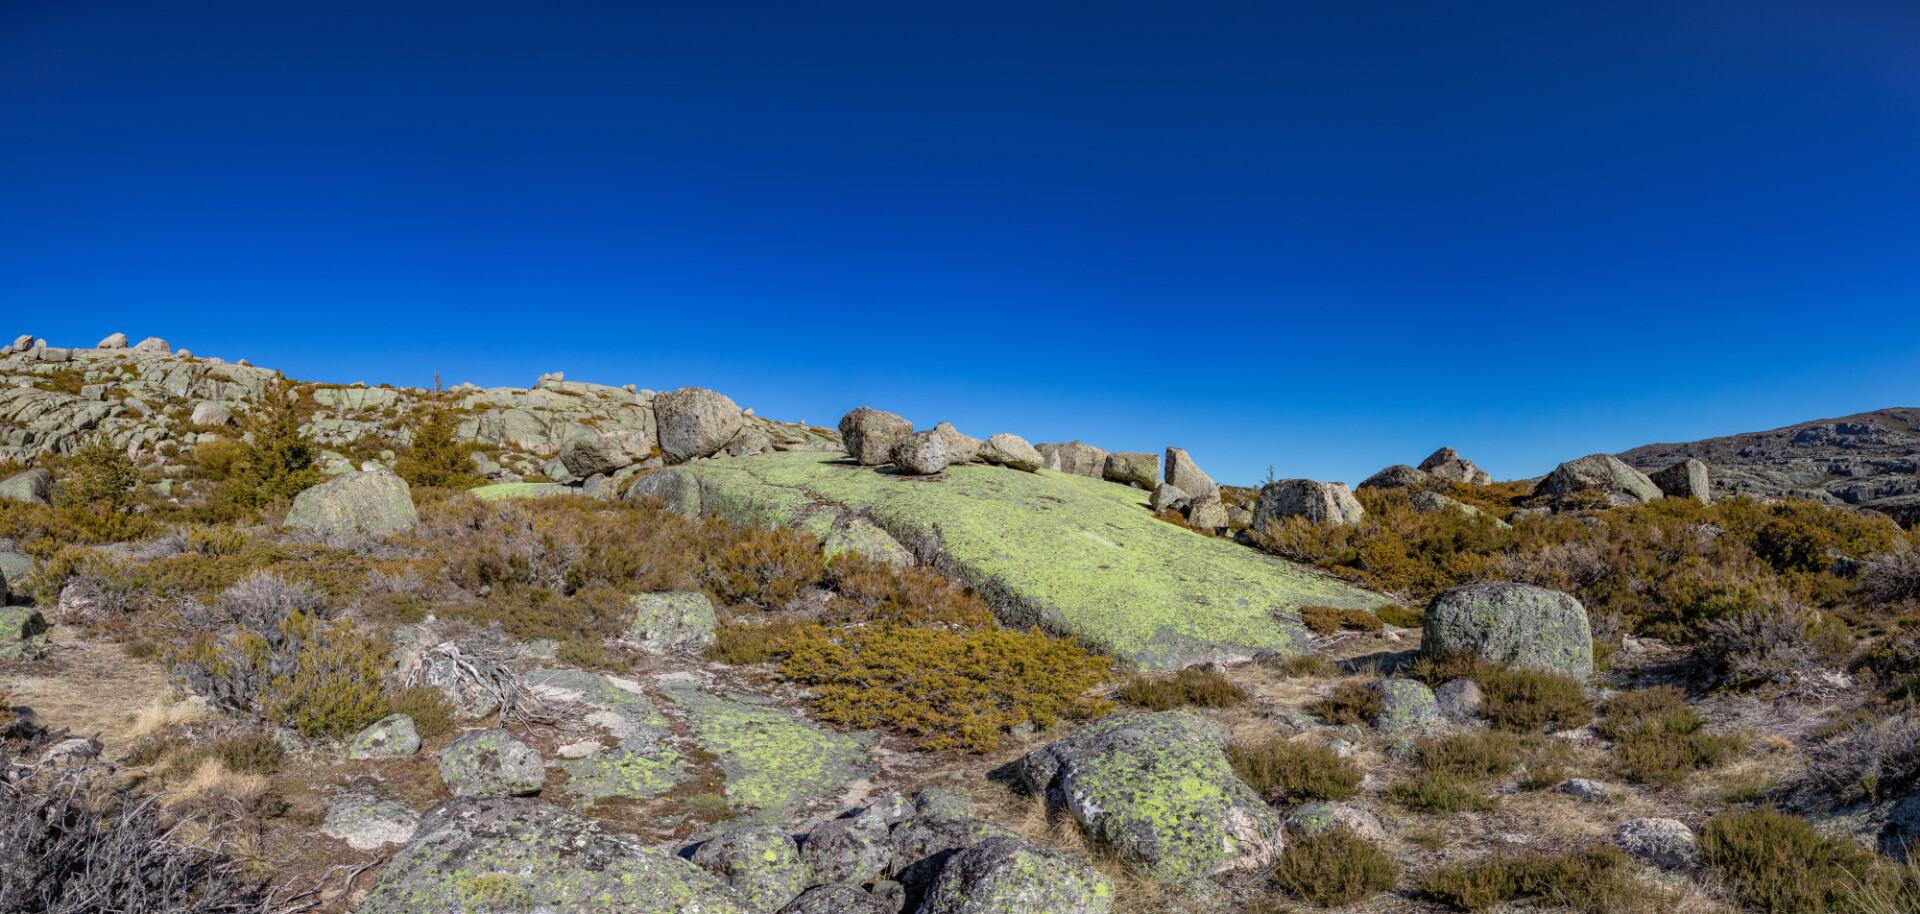 Crista do Carvalhalzinho Landscape